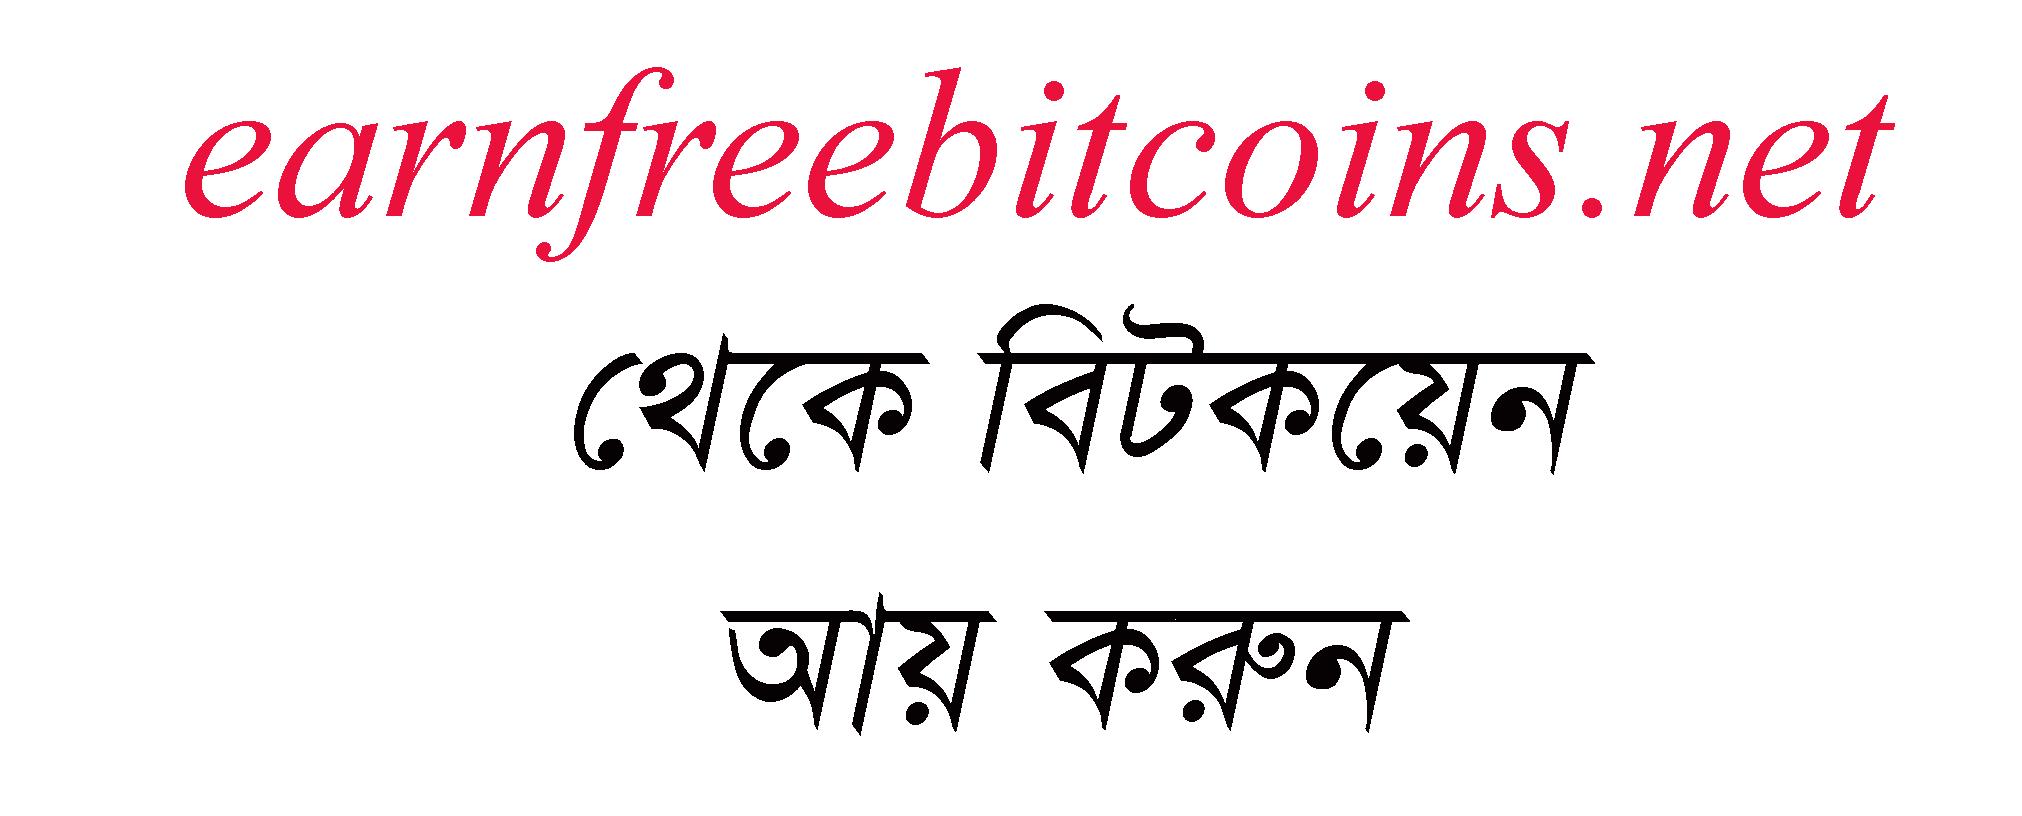 earnfreebitcoins.net থেকে ১০ মিনিট পরপর আয় করুন ১০০০ থেকে ৩০০০ সাতোশি।